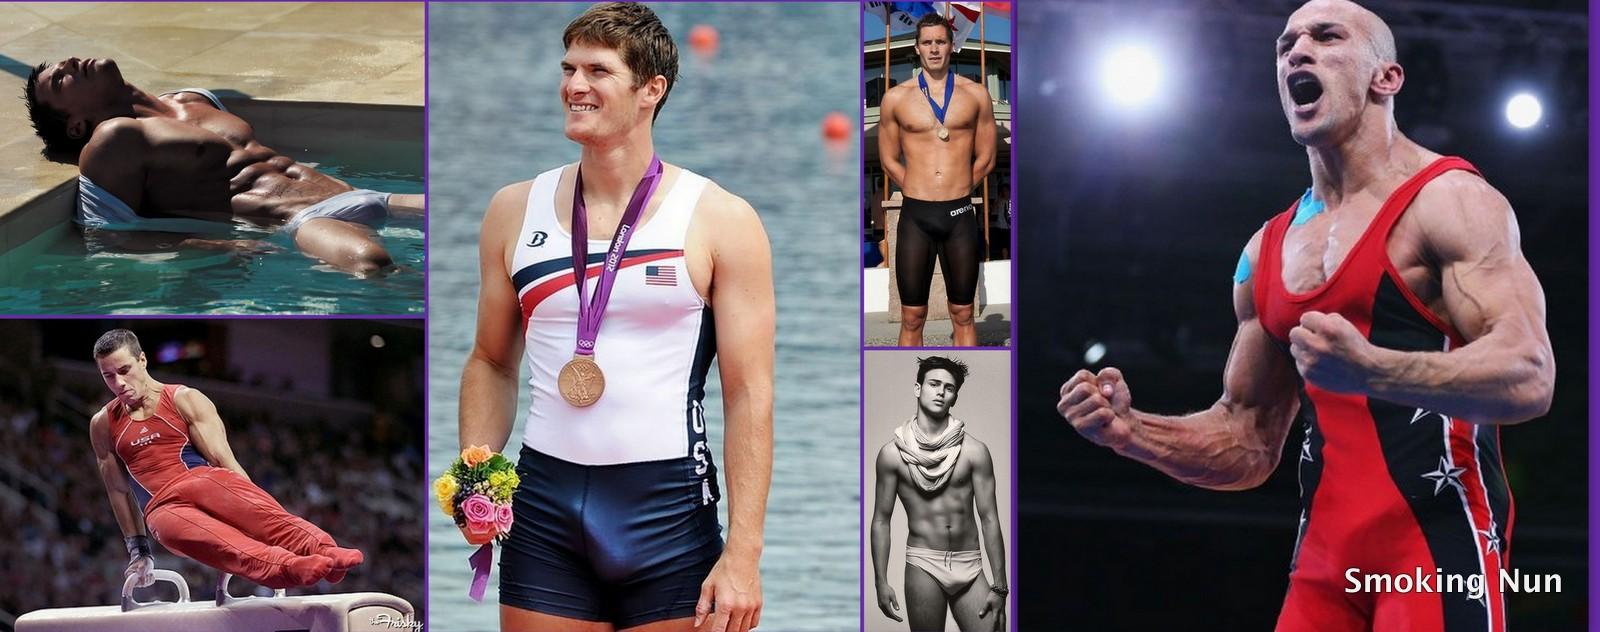 Sam elliott speedo battle of the bulge becomes mainstream news at 2012